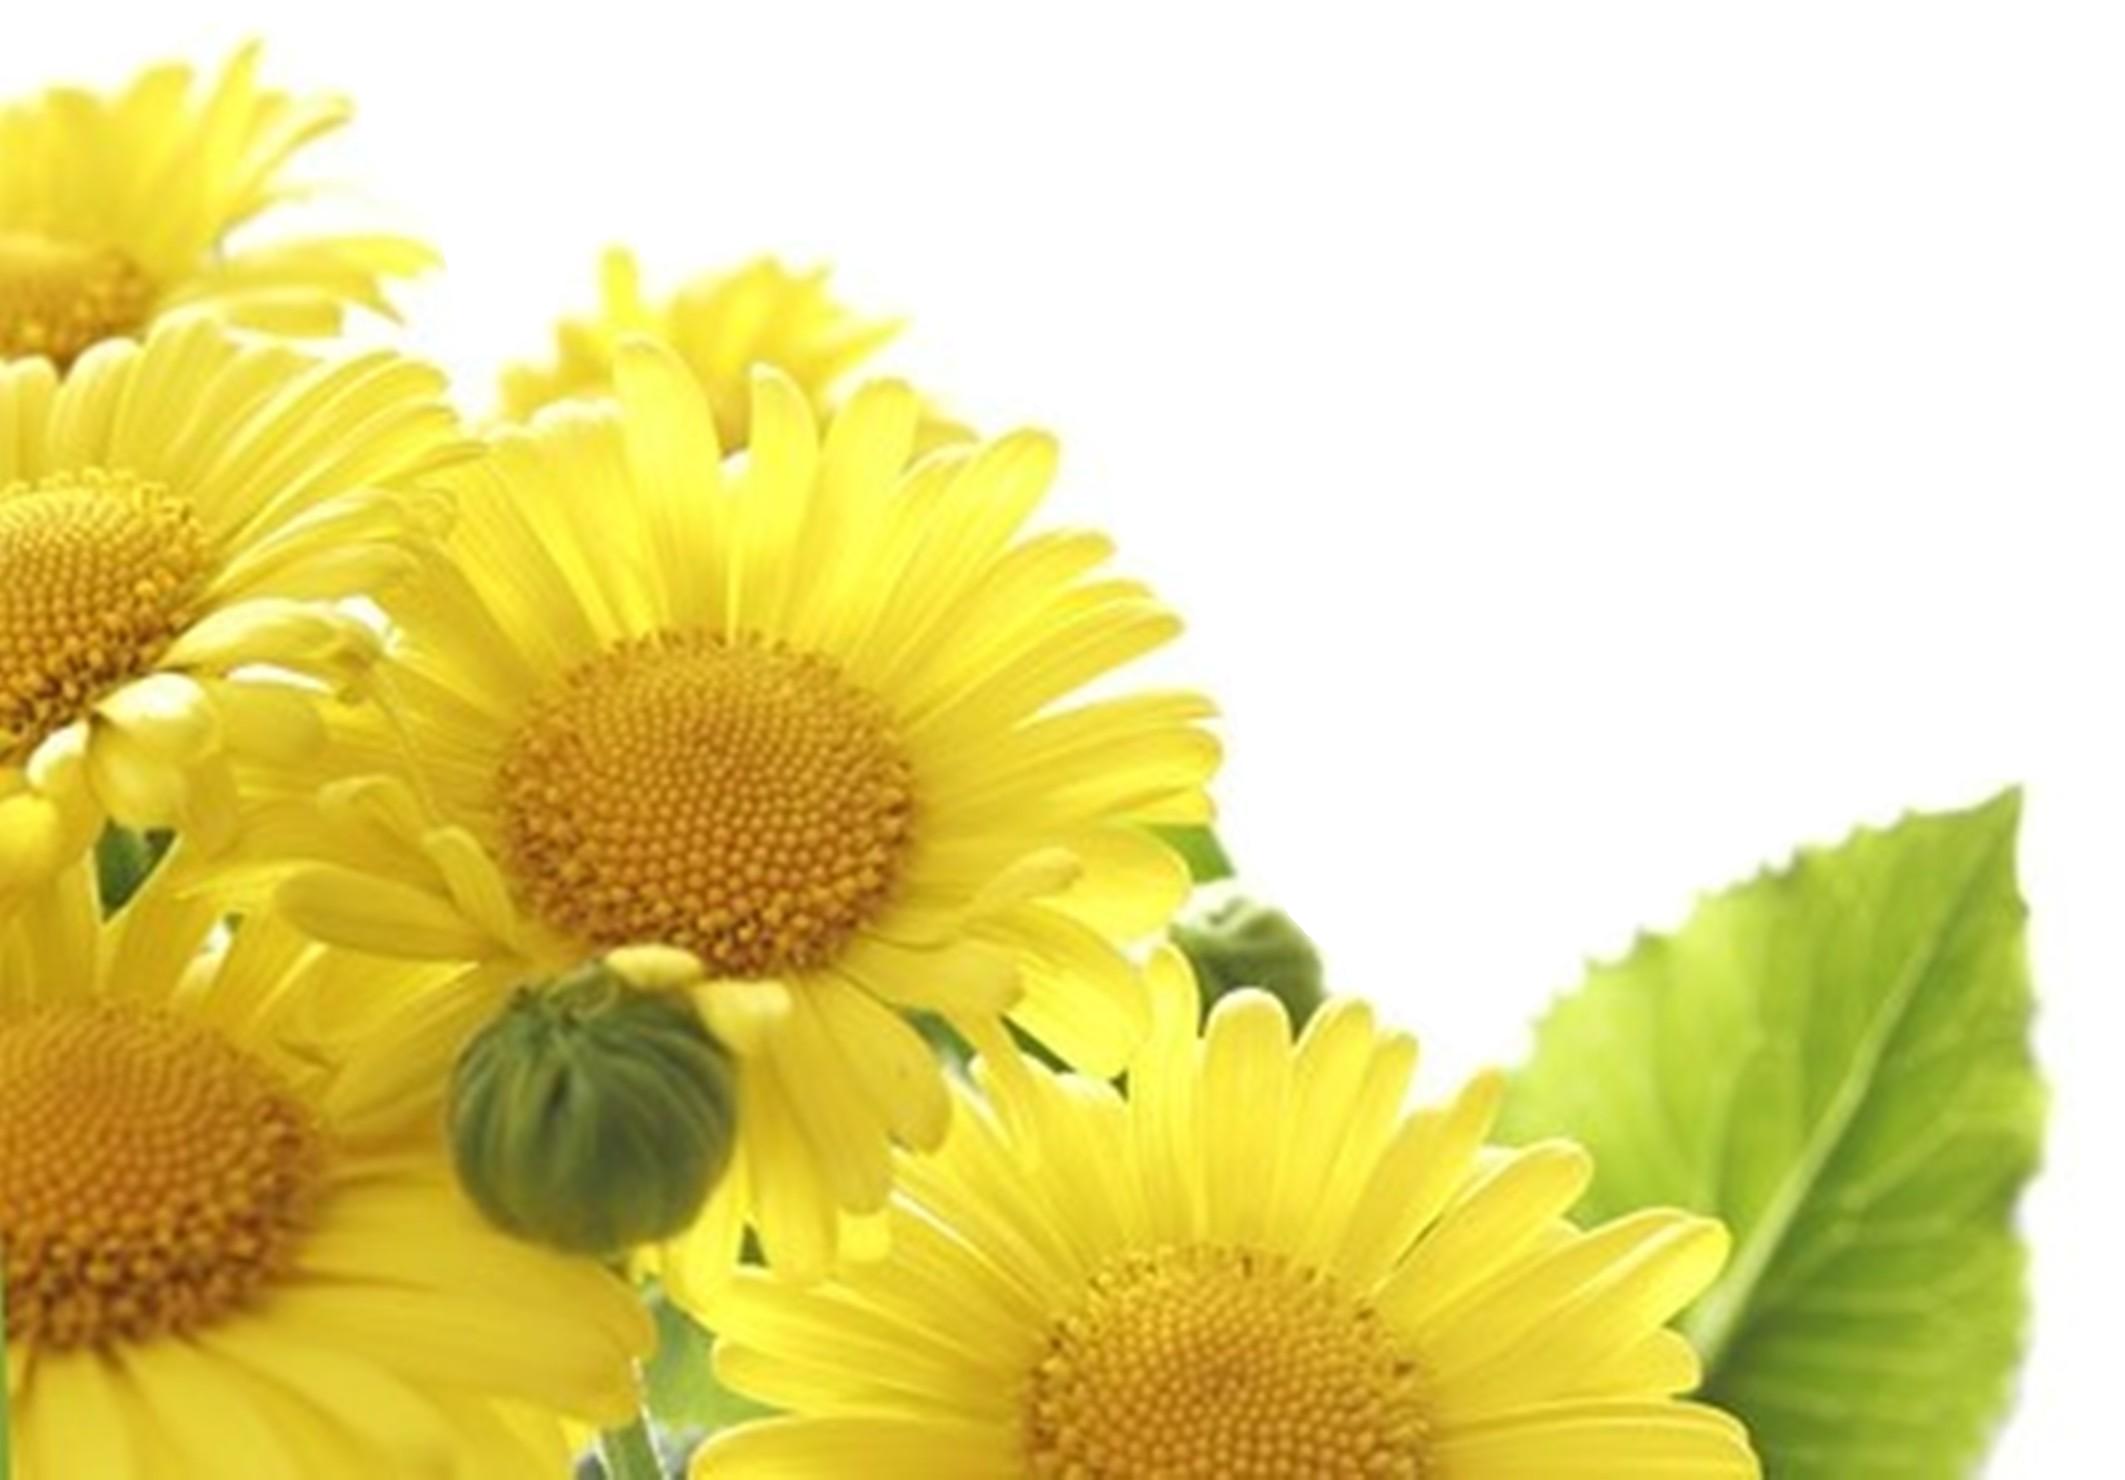 sunflower_fine_picture_166699